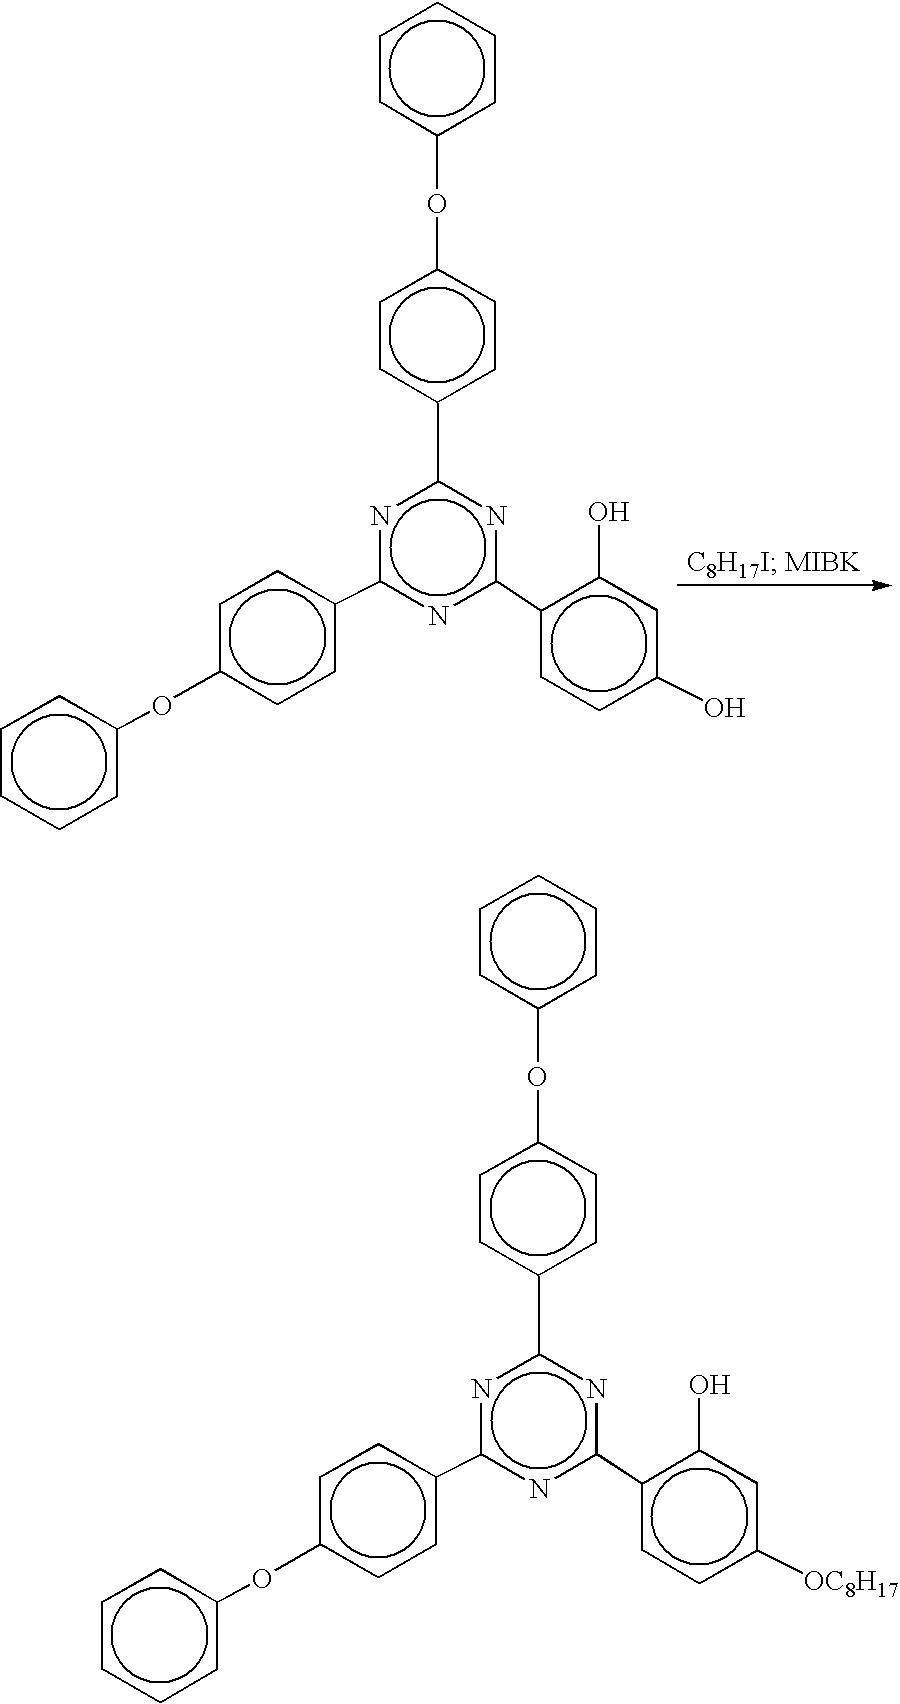 Figure US06855269-20050215-C00020